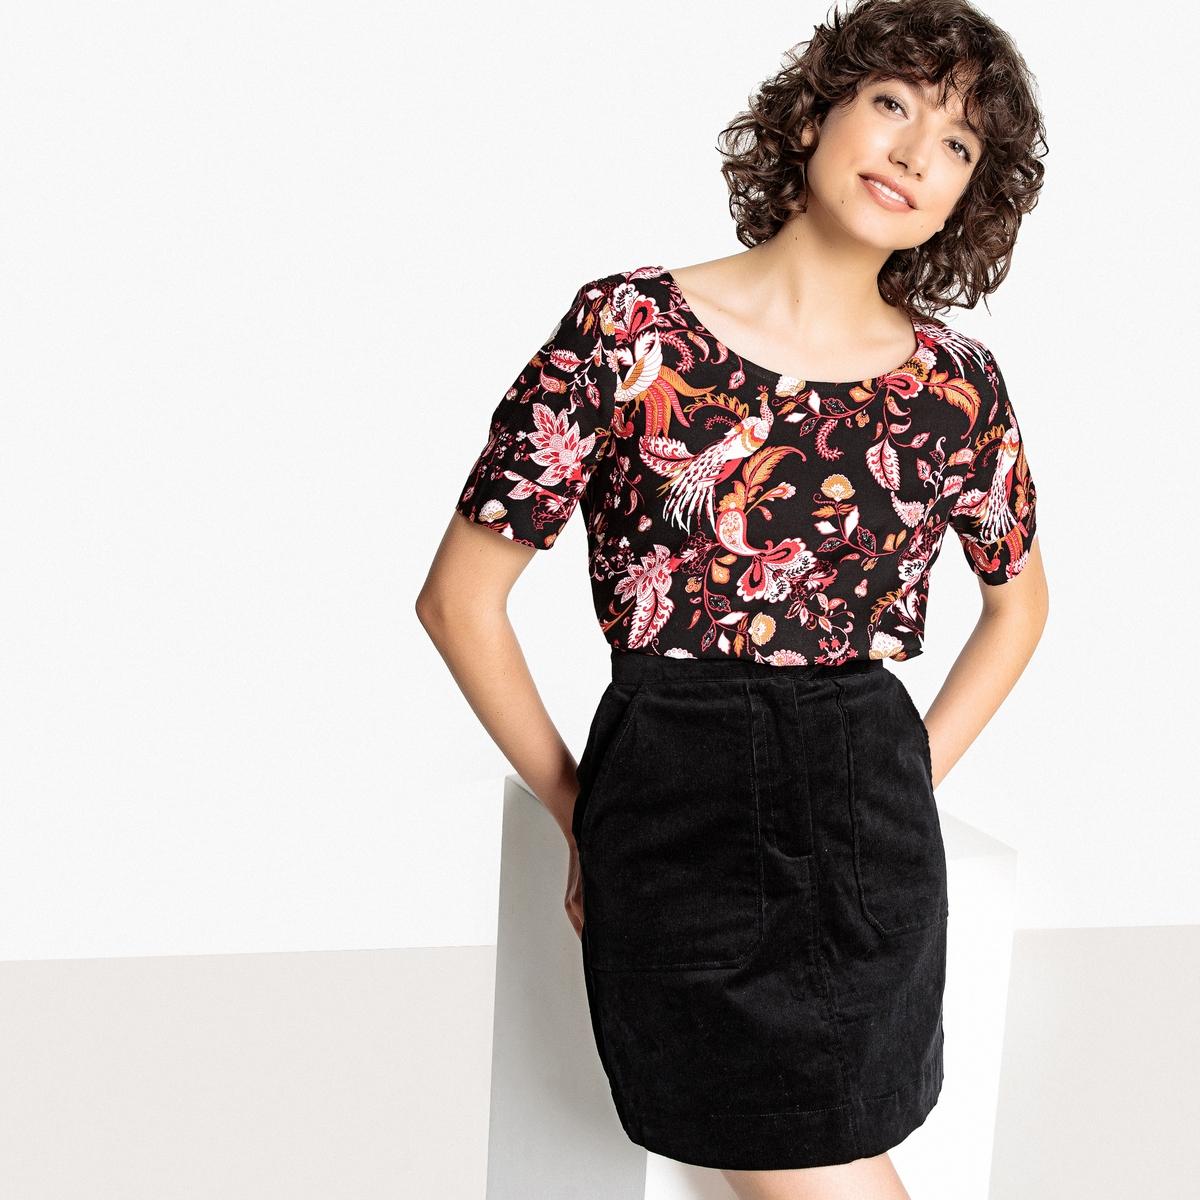 Блузка La Redoute С круглым вырезом графическим рисунком и короткими рукавами 34 (FR) - 40 (RUS) черный блузка la redoute с круглым вырезом без рукавов 50 fr 56 rus черный